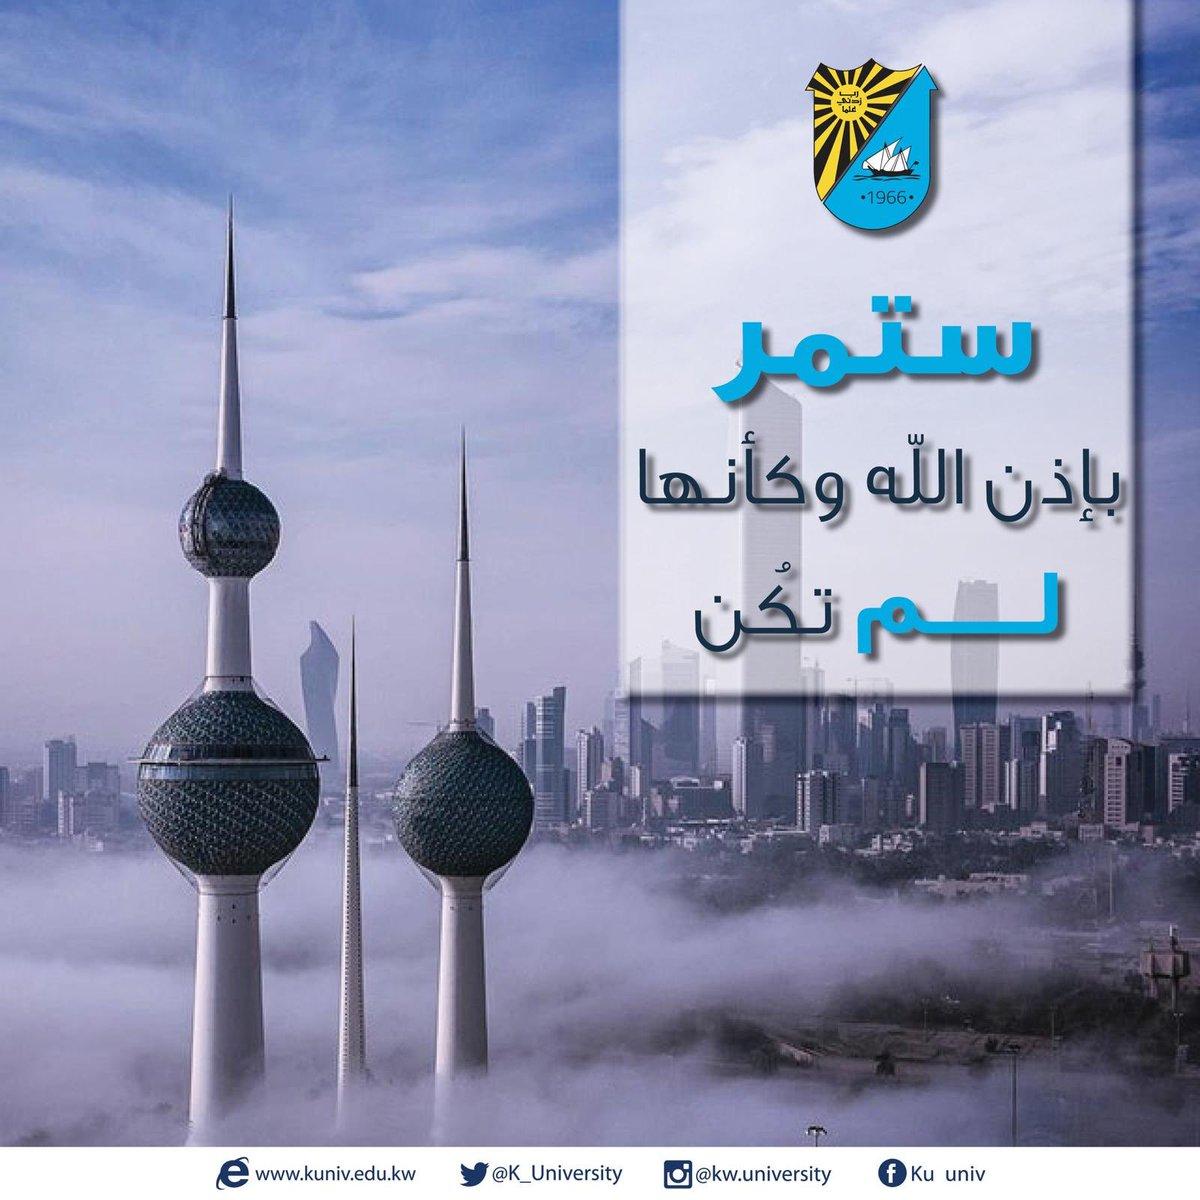 جامعة الكويت |  #الكويت #فيروس_كورونا #coronavirus #kuwait_university #ku #kuniv_edu #kuniv #جامعة_الكويت #الشدادية https://t.co/K4xxw4gjtx